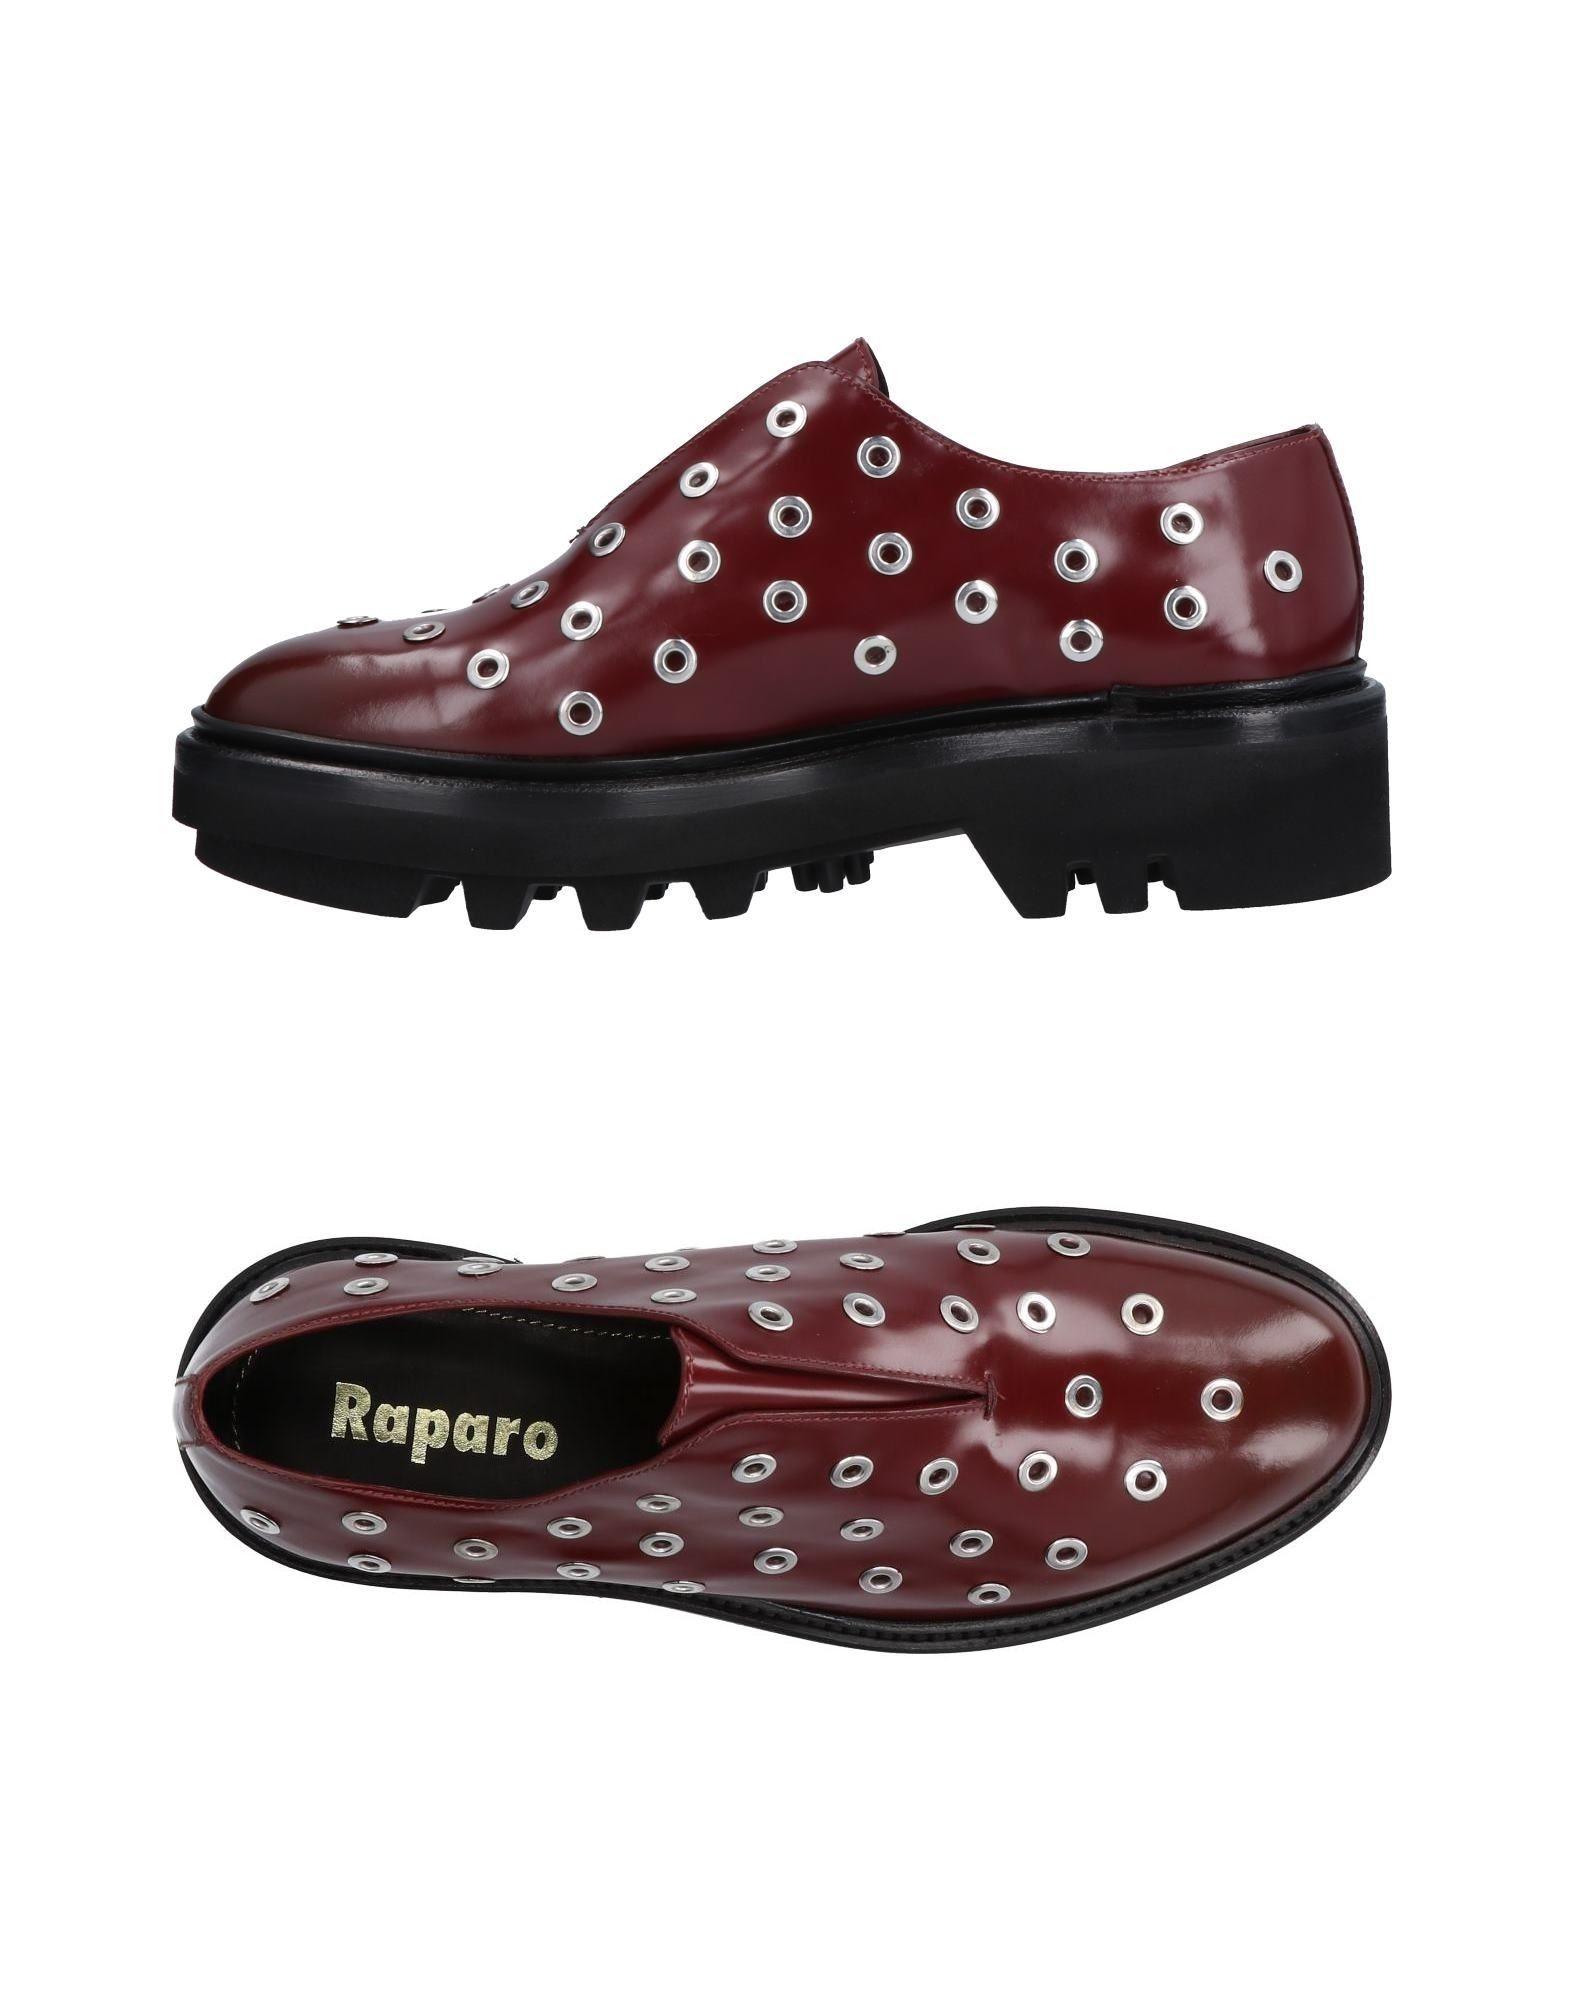 Raparo Mokassins Damen  11471303XVGut aussehende strapazierfähige Schuhe